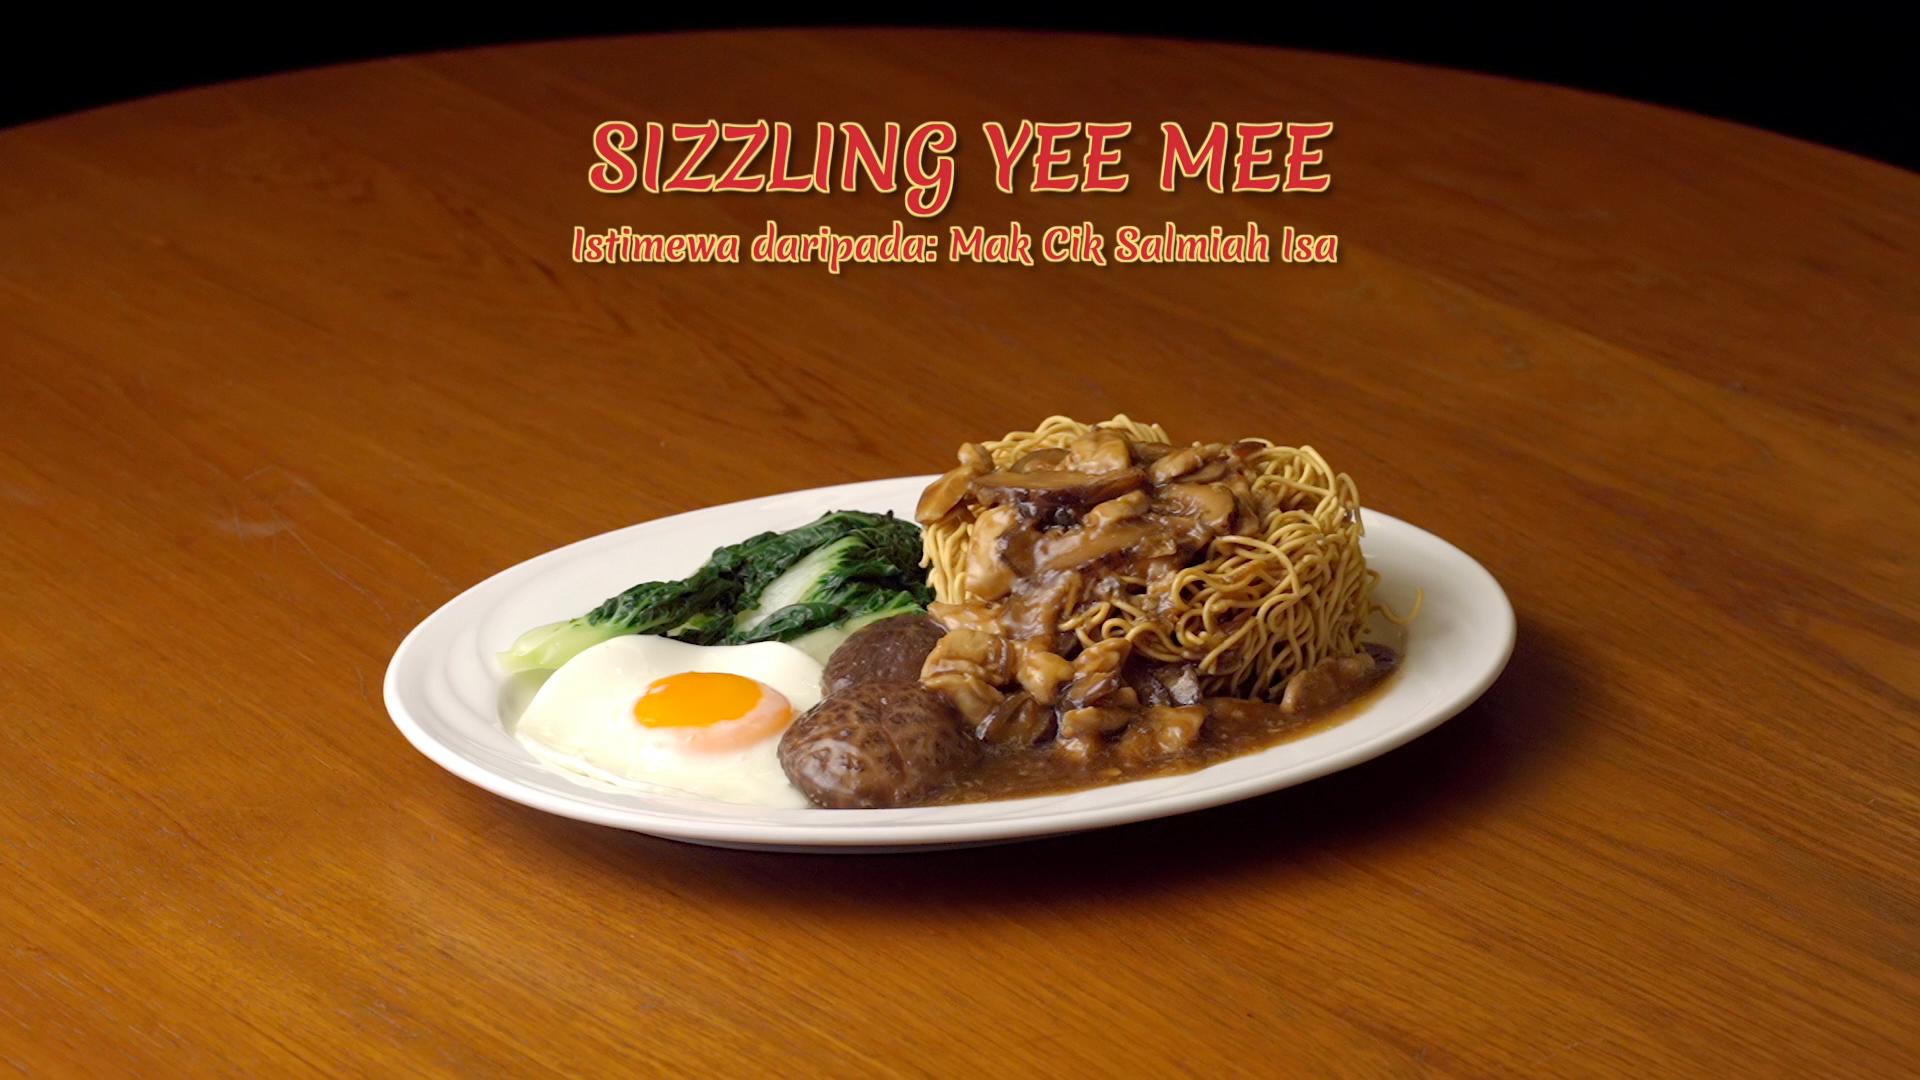 Sizzling-Yee-Mee-1920-x-1080